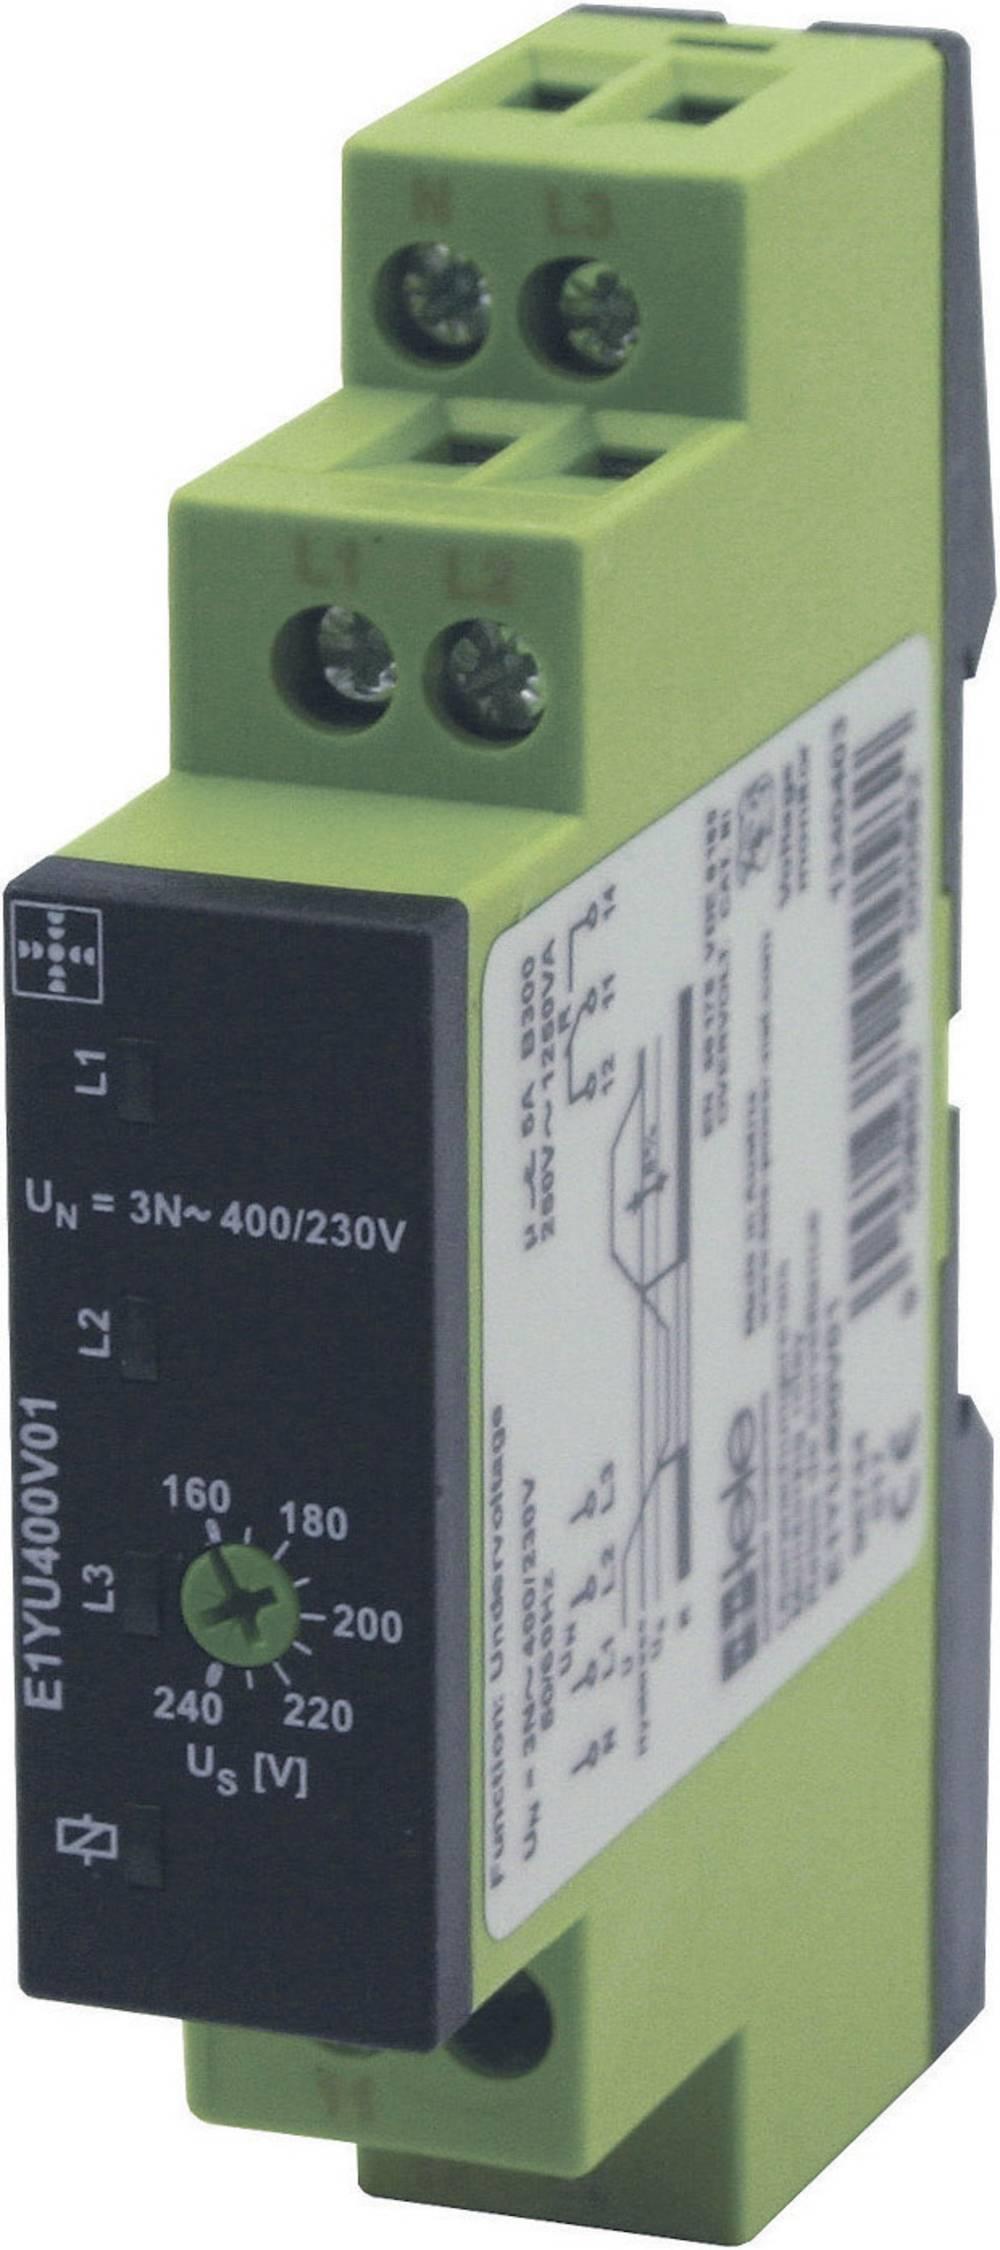 TELE-Nadzorni relej trofaznog napona serije ENYA E1YU400V01 1340403